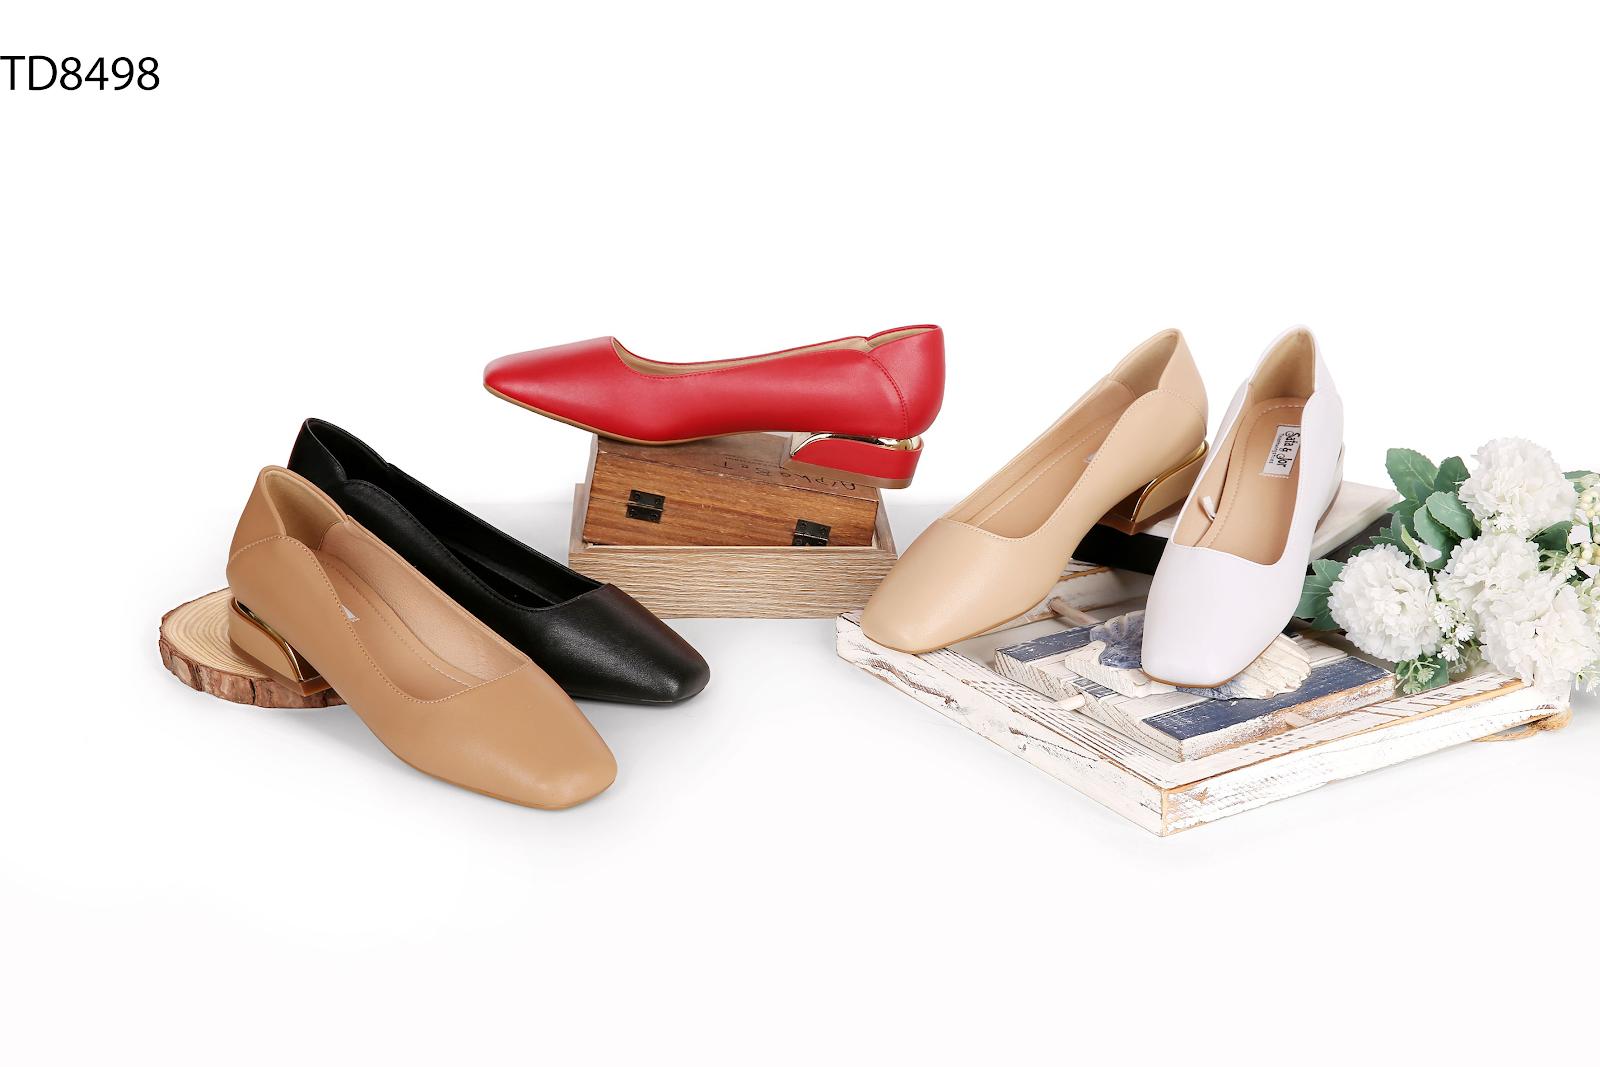 Thiên Hương có nhiều mẫu giày dép đẹp